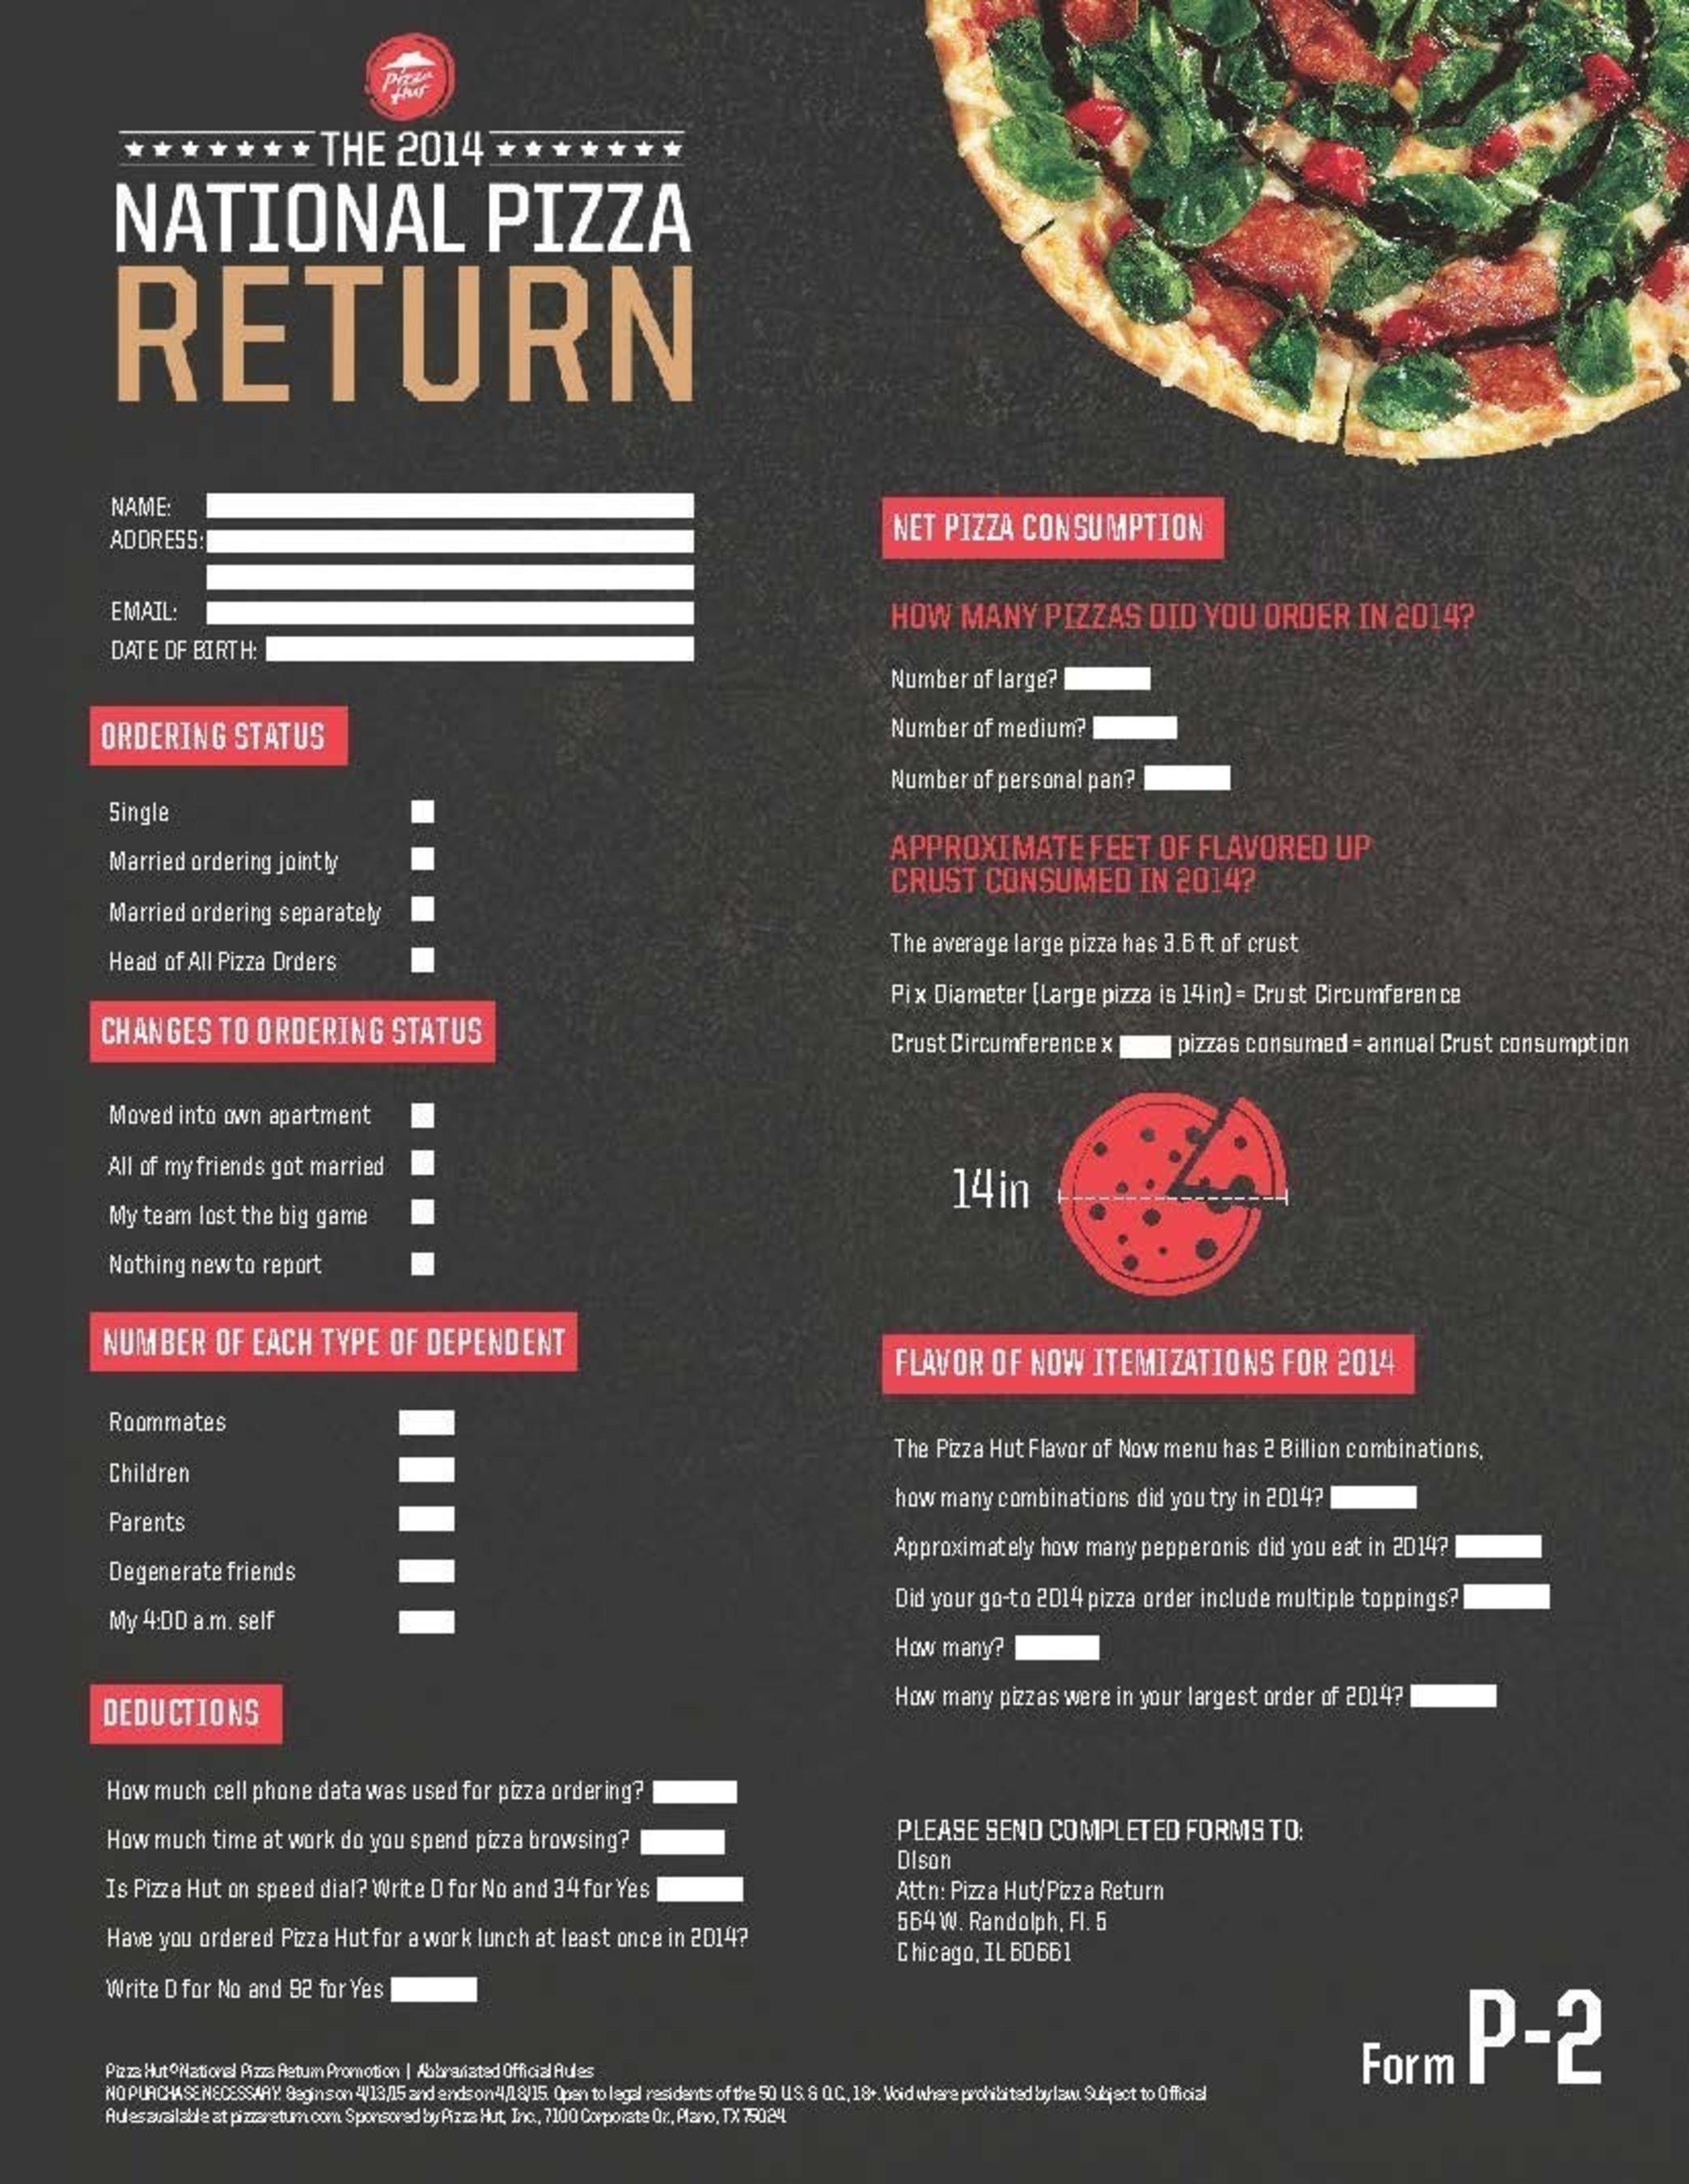 Pizza Hut P2 Form